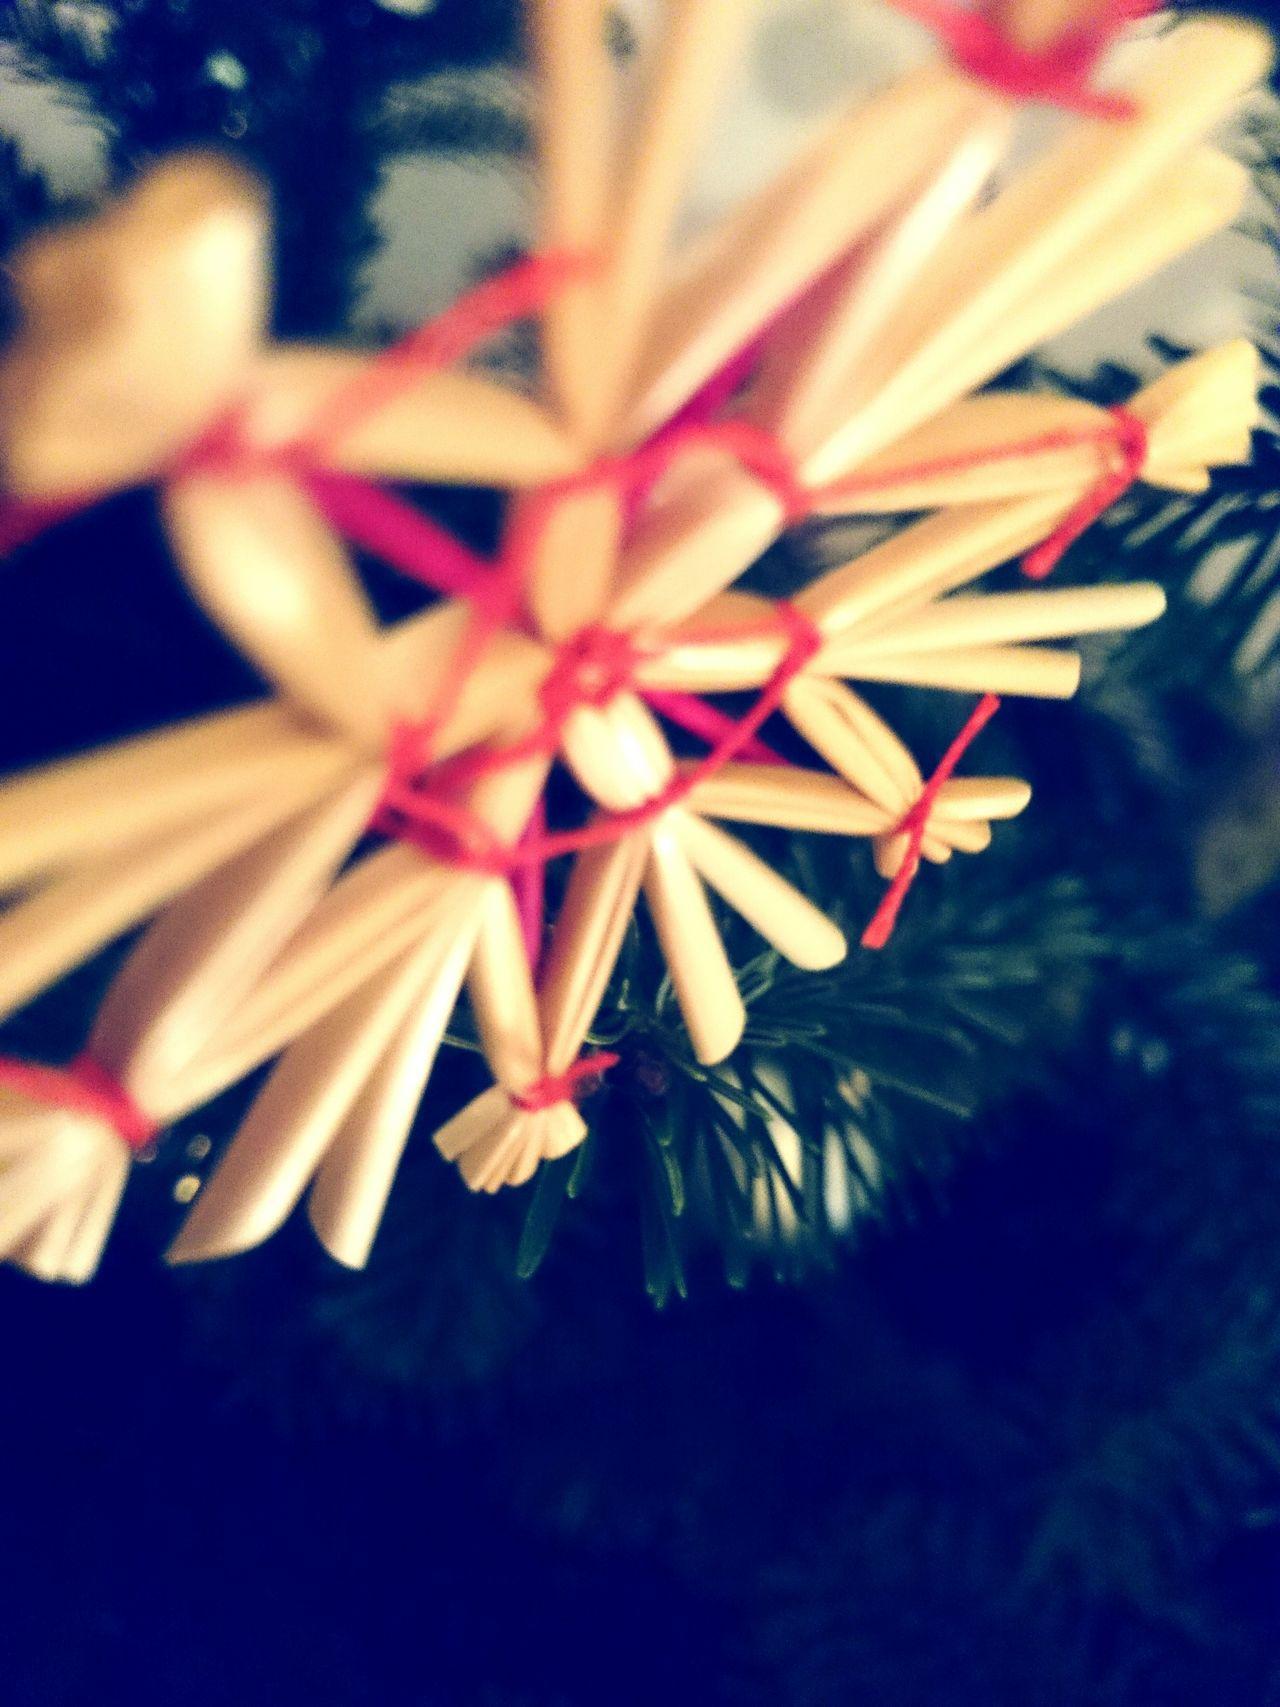 Ich wünsche euch Frohe Weihnachten /// Weihnachtsstern aus Stroh am Christbaum